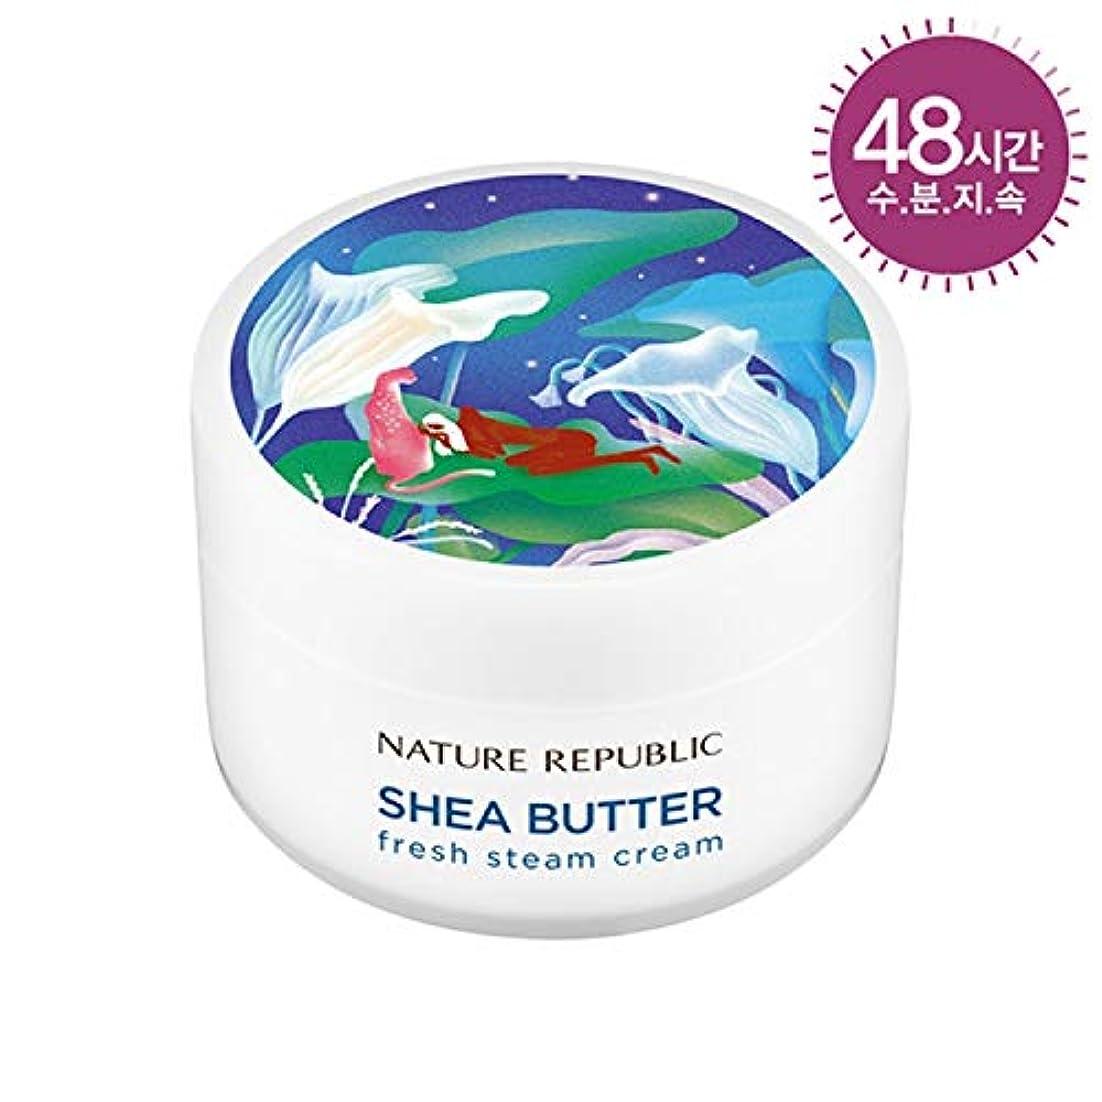 アウトドア褐色ガラガラネイチャーリパブリック(Nature Republic)シェアバタースチームクリームフレッシュ(混合肌用) 100ml / Shea Butter Steam Cream 100ml (Fresh) :: 韓国コスメ [...